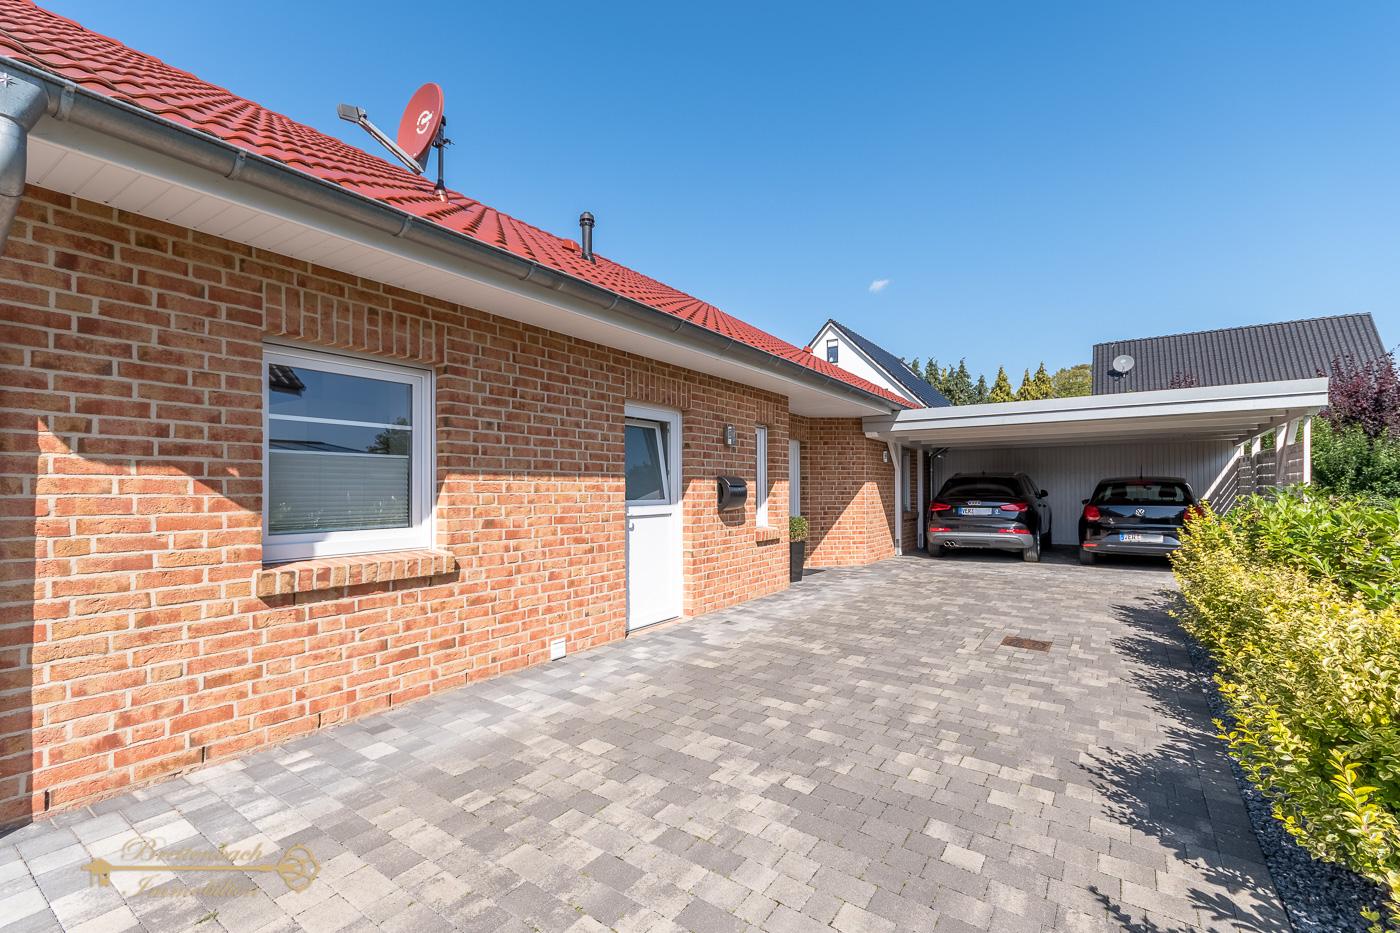 2019-08-11-Breitenbach-Immobilien-3